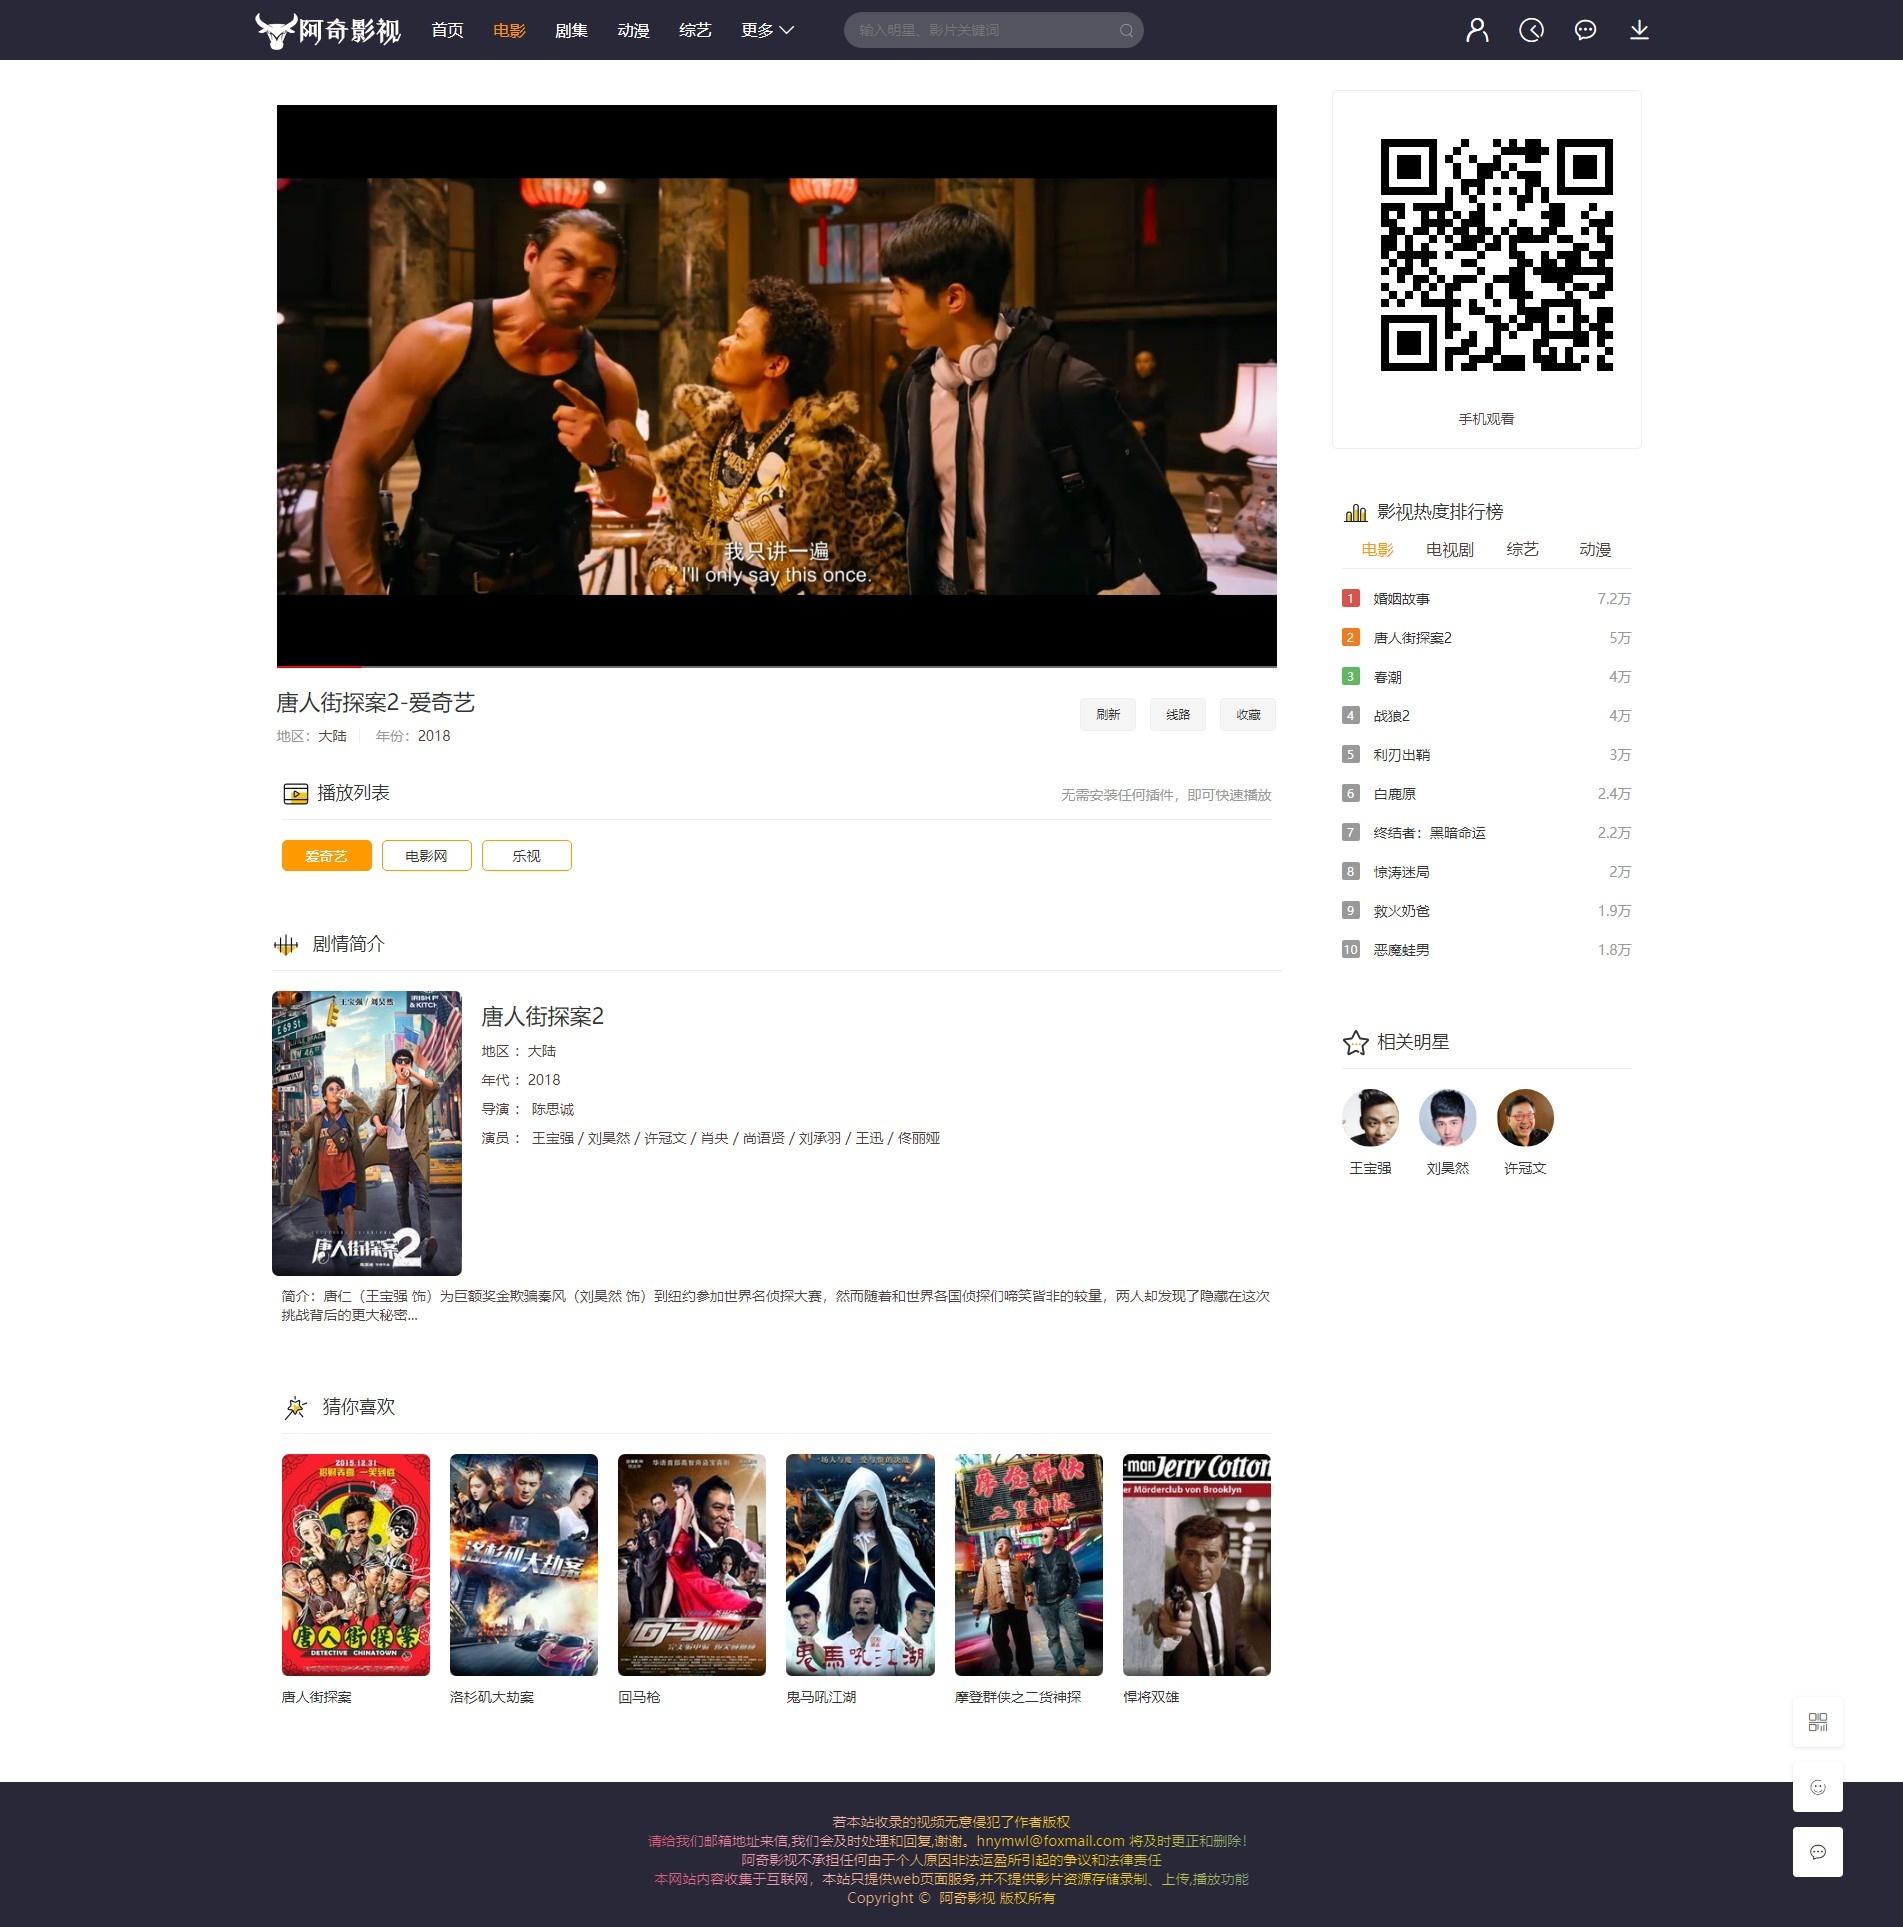 【亲测有演示】米酷最新全自动采集免管理版本电视电影影视制作网站源码下载